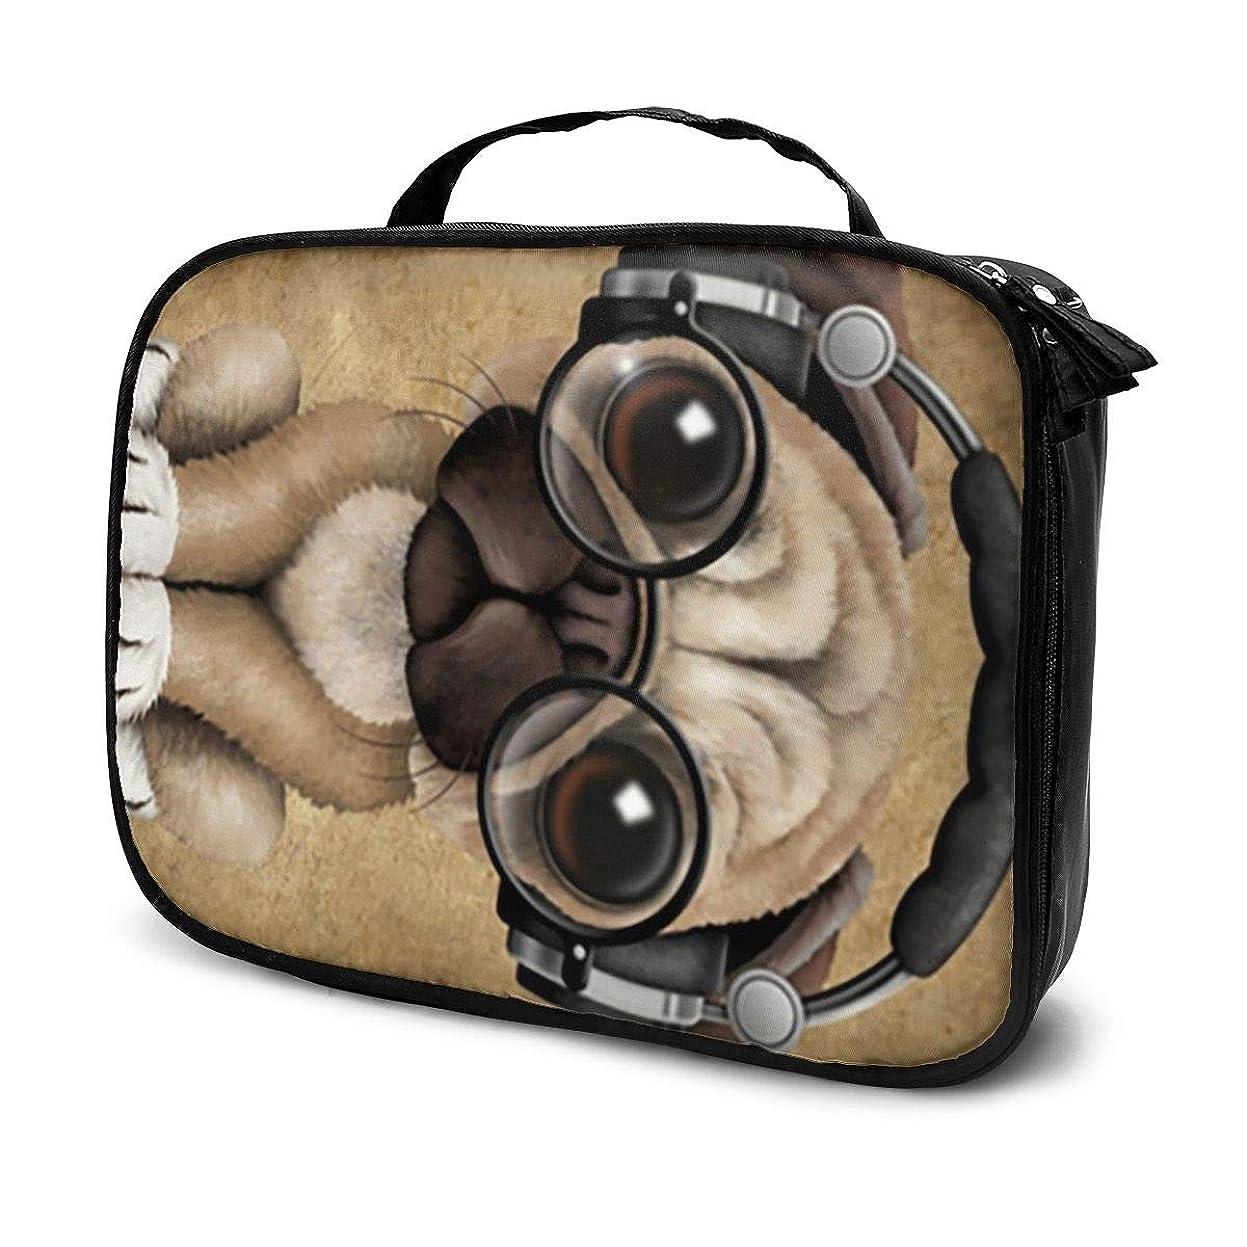 恒久的ミシン目増加する化粧ポーチ メイクポーチ ヘッドフォンとメガネを身に着けているかわいいパグ子犬Dj 大容量 軽い コンパクト 多機能 収納力抜群 便利 旅行用品収納バッグ 化粧品入れ 小物整理 人気 おしゃれ プレゼント 出張 海外 旅行グッズ